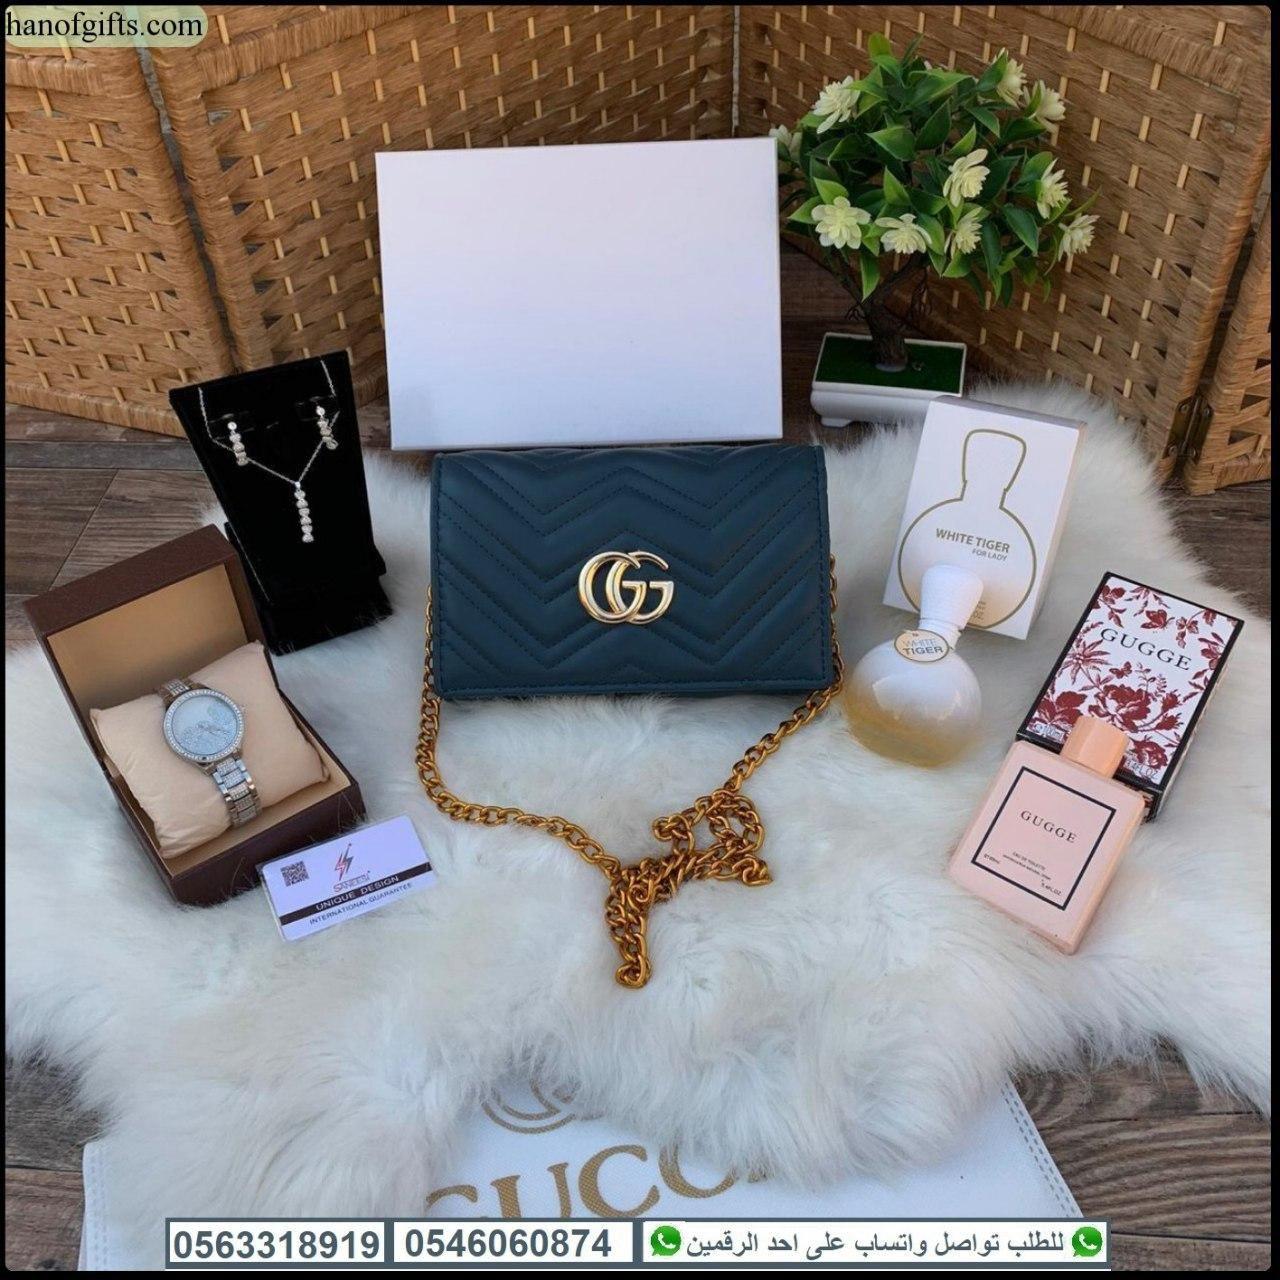 شنط قوتشي نسائي Gucci مع ساعه تصميم فرزاتشي وطقم اكسسوار زركون و2 عطر هدايا هنوف Shoulder Bag Gucci Dionysus Bags